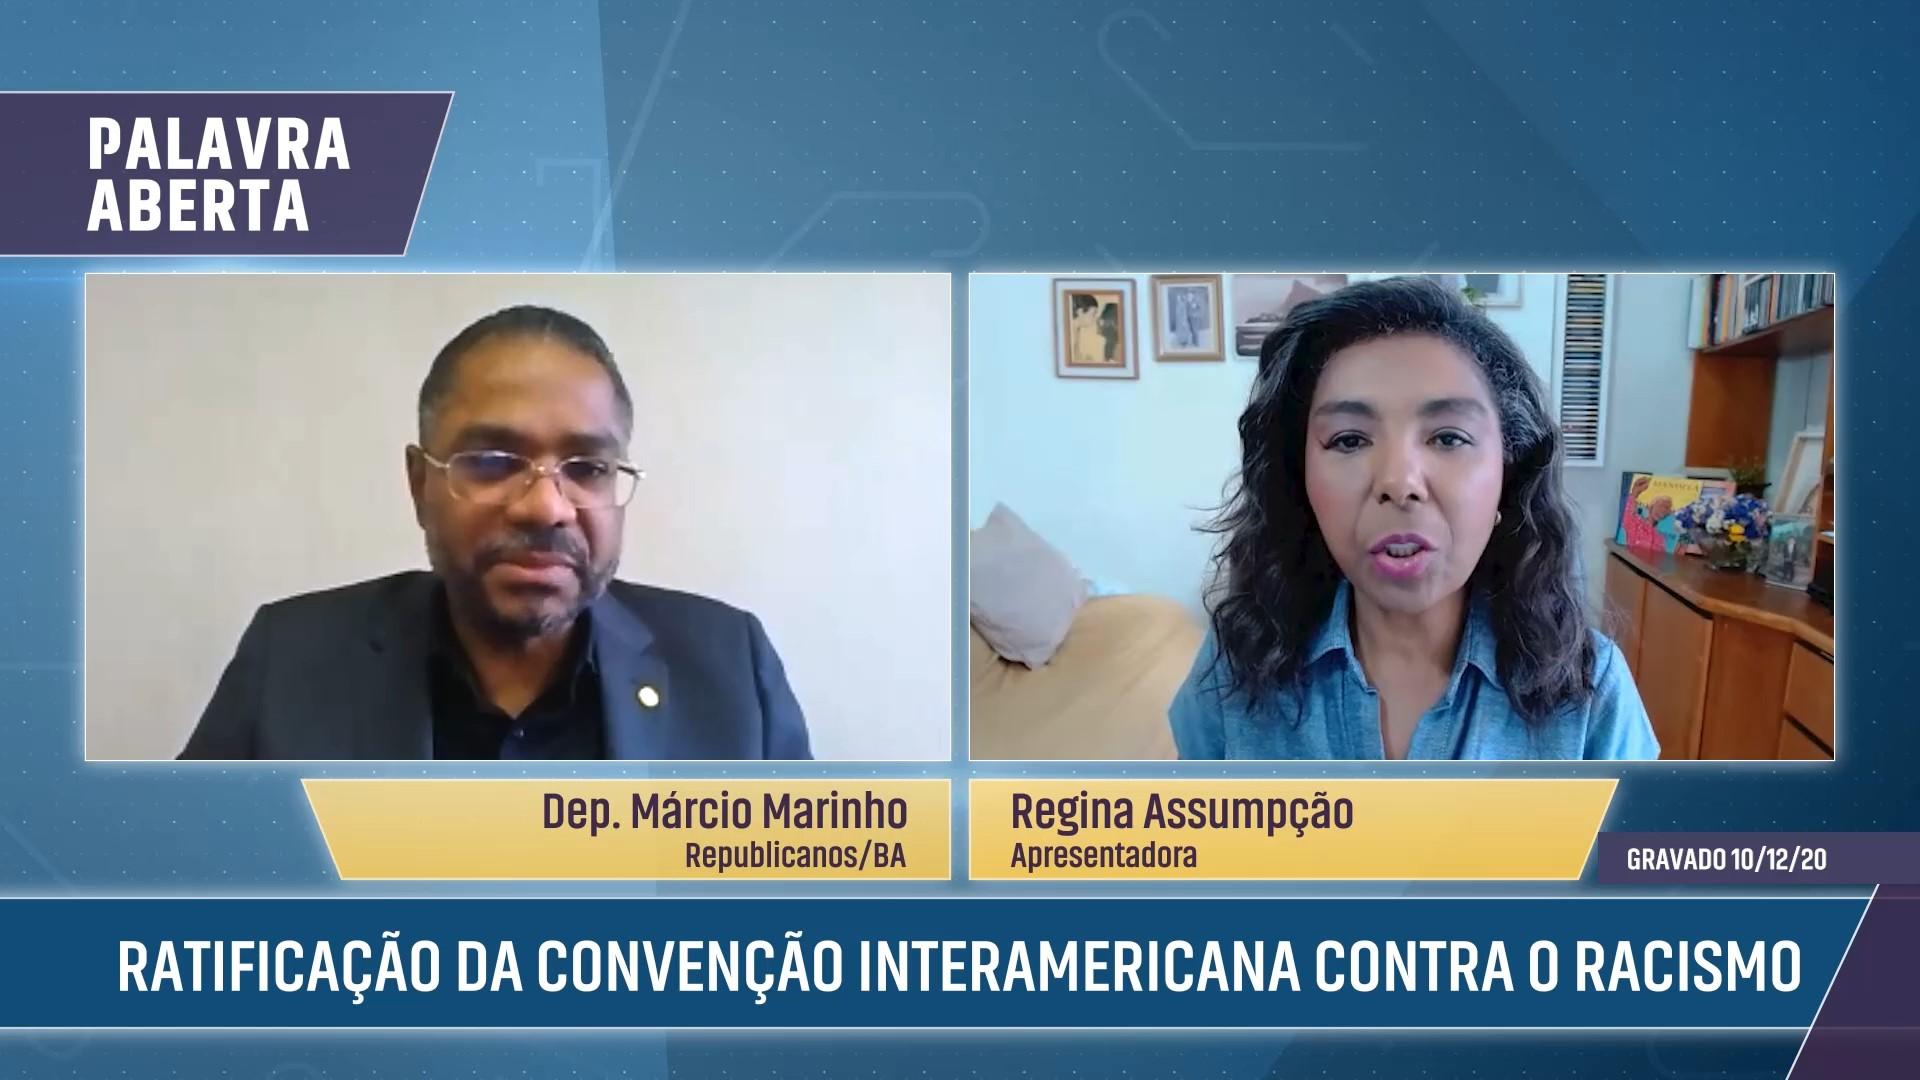 Ratificação da Convenção Interamericana contra o Racismo